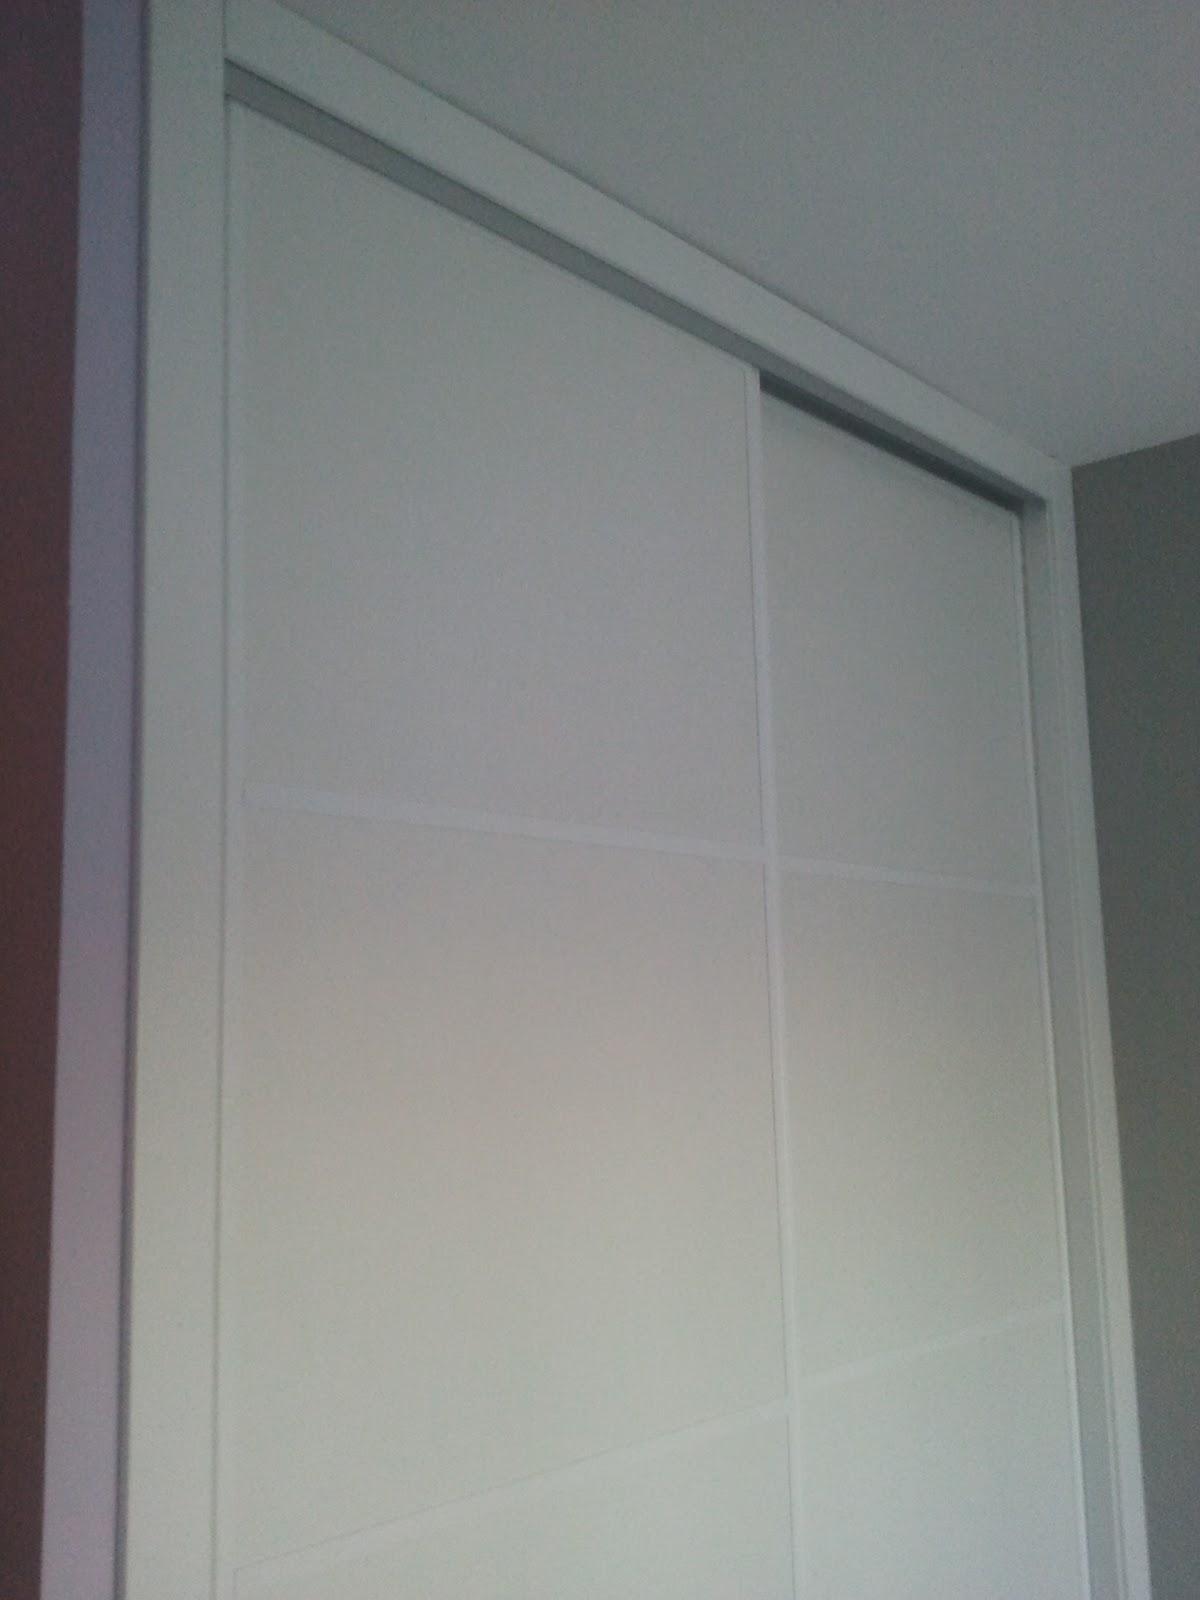 Montaje armario empotrado puertas correderas lacado blanco - Montaje armario empotrado ...